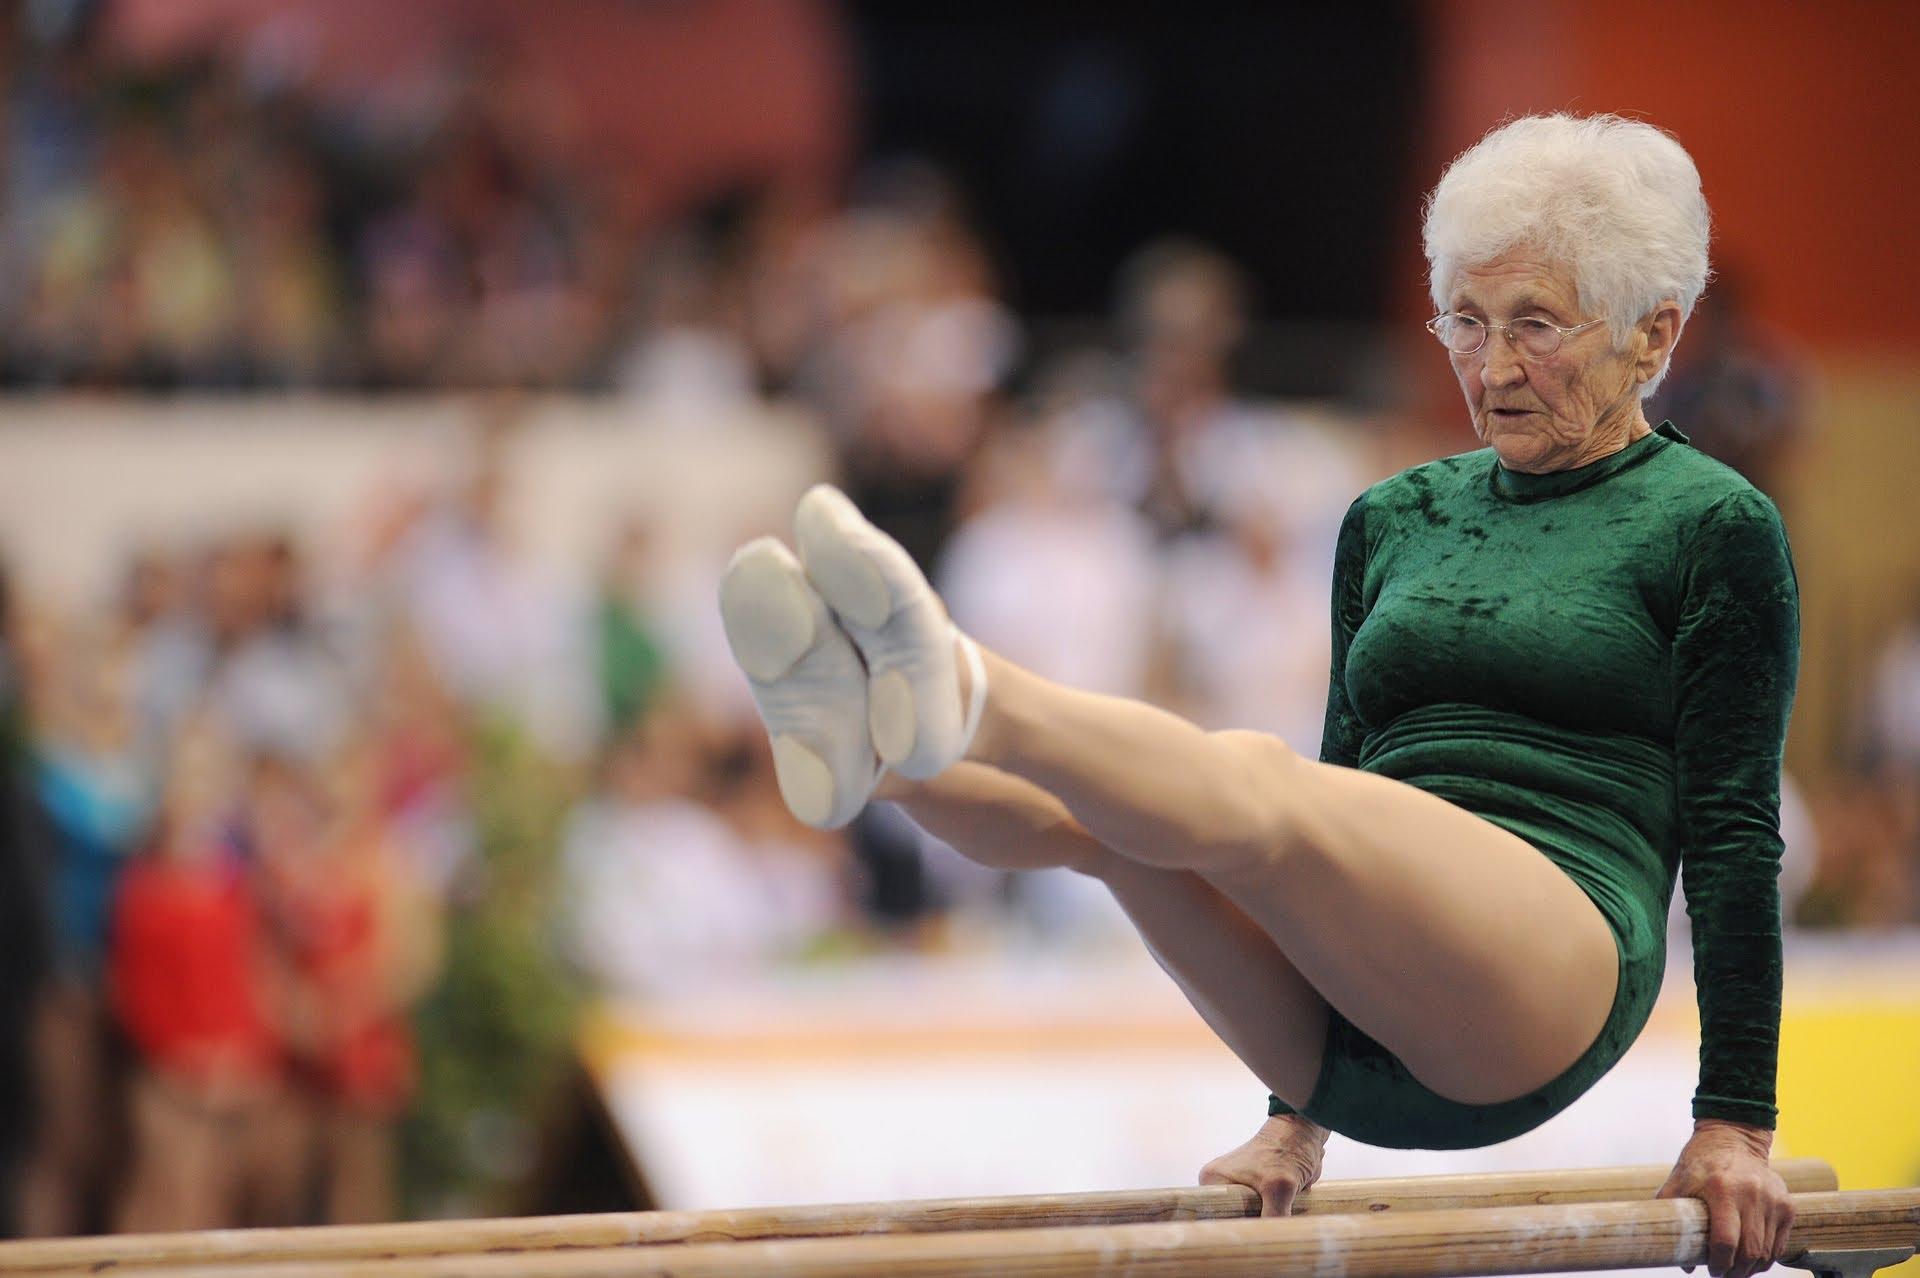 Masih muda jangan malas, malu dengan 10 lansia berprestasi dunia ini!